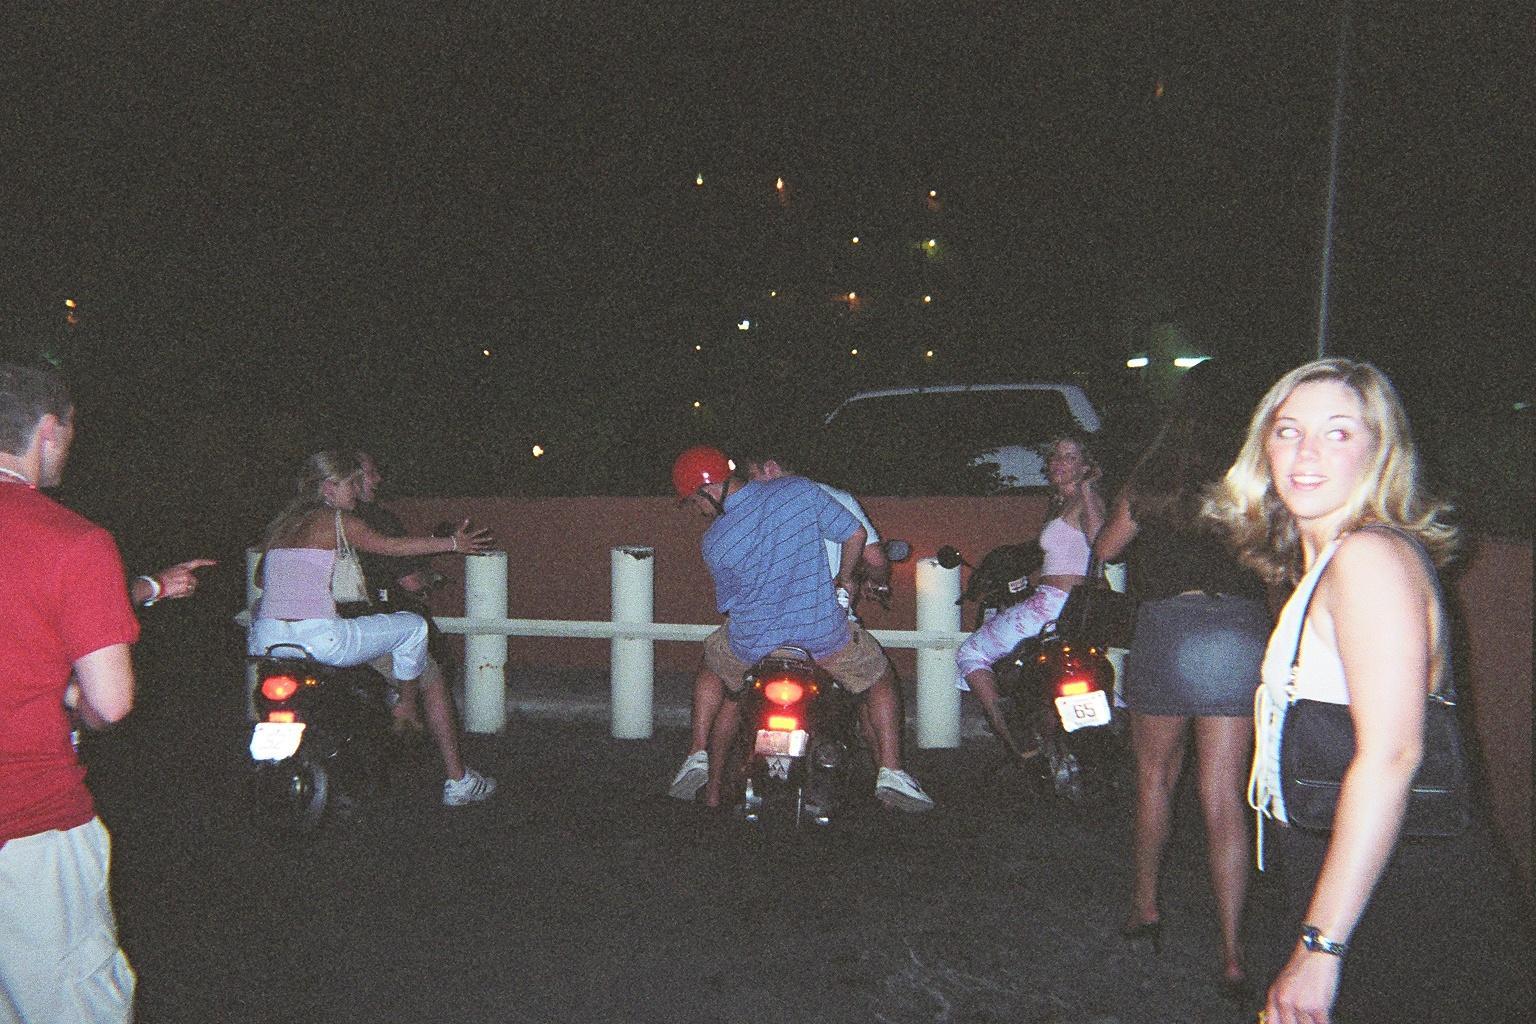 mopedmadness.jpg